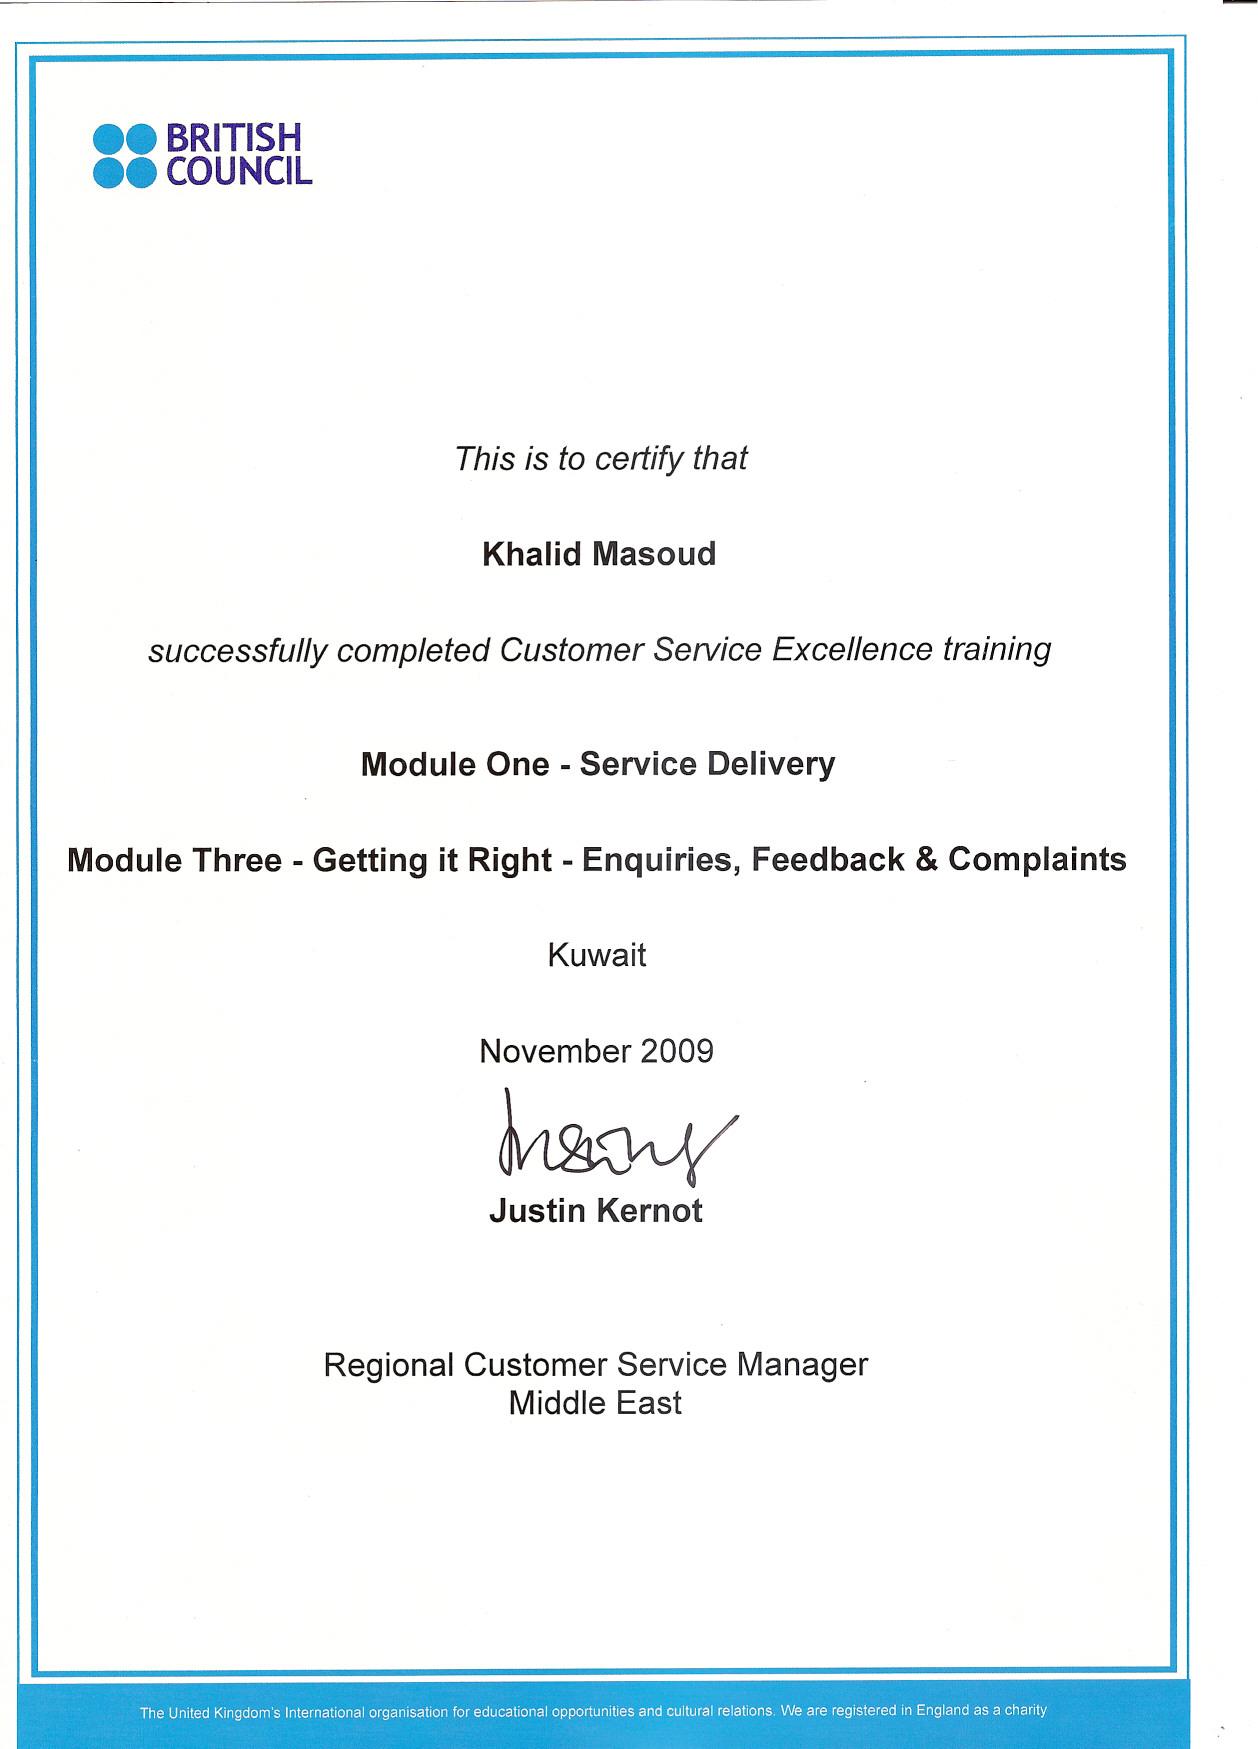 certificate0003